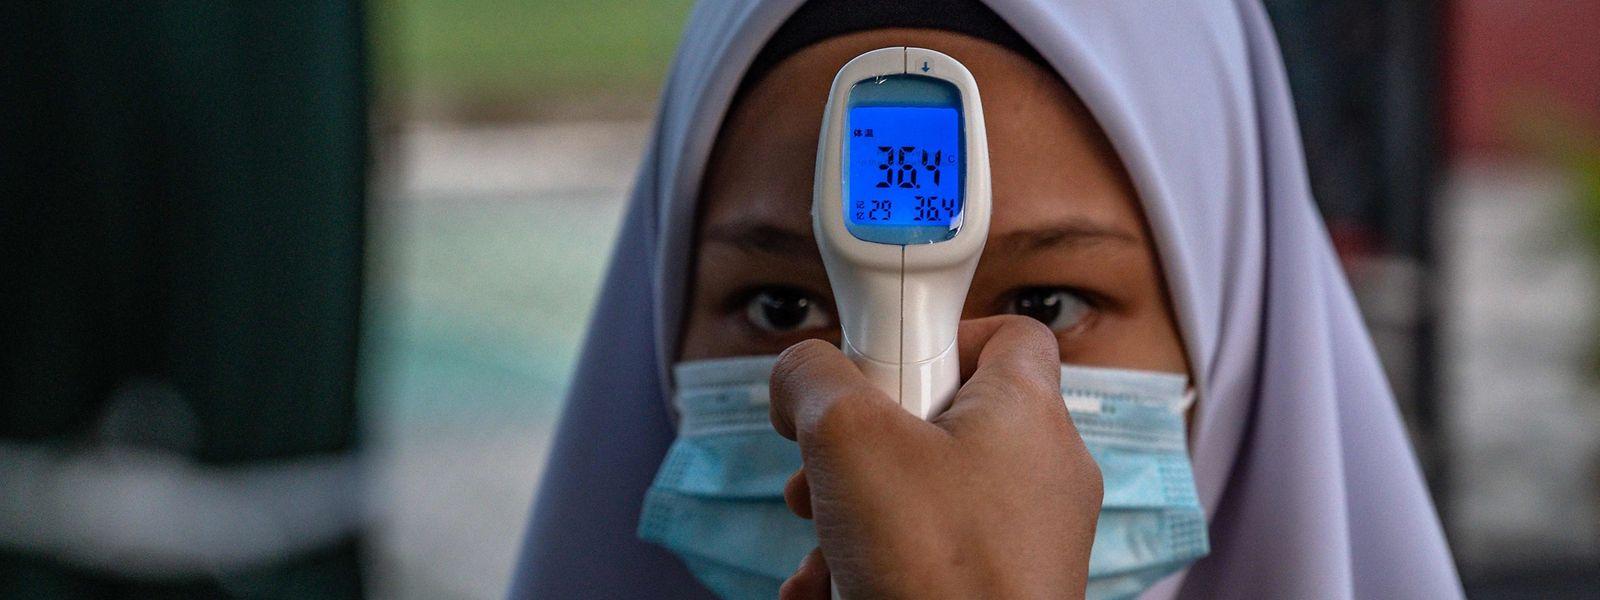 Plus de 9.161.460 cas de covid-19 ont été diagnostiqués dans le monde depuis le début de la pandémie.